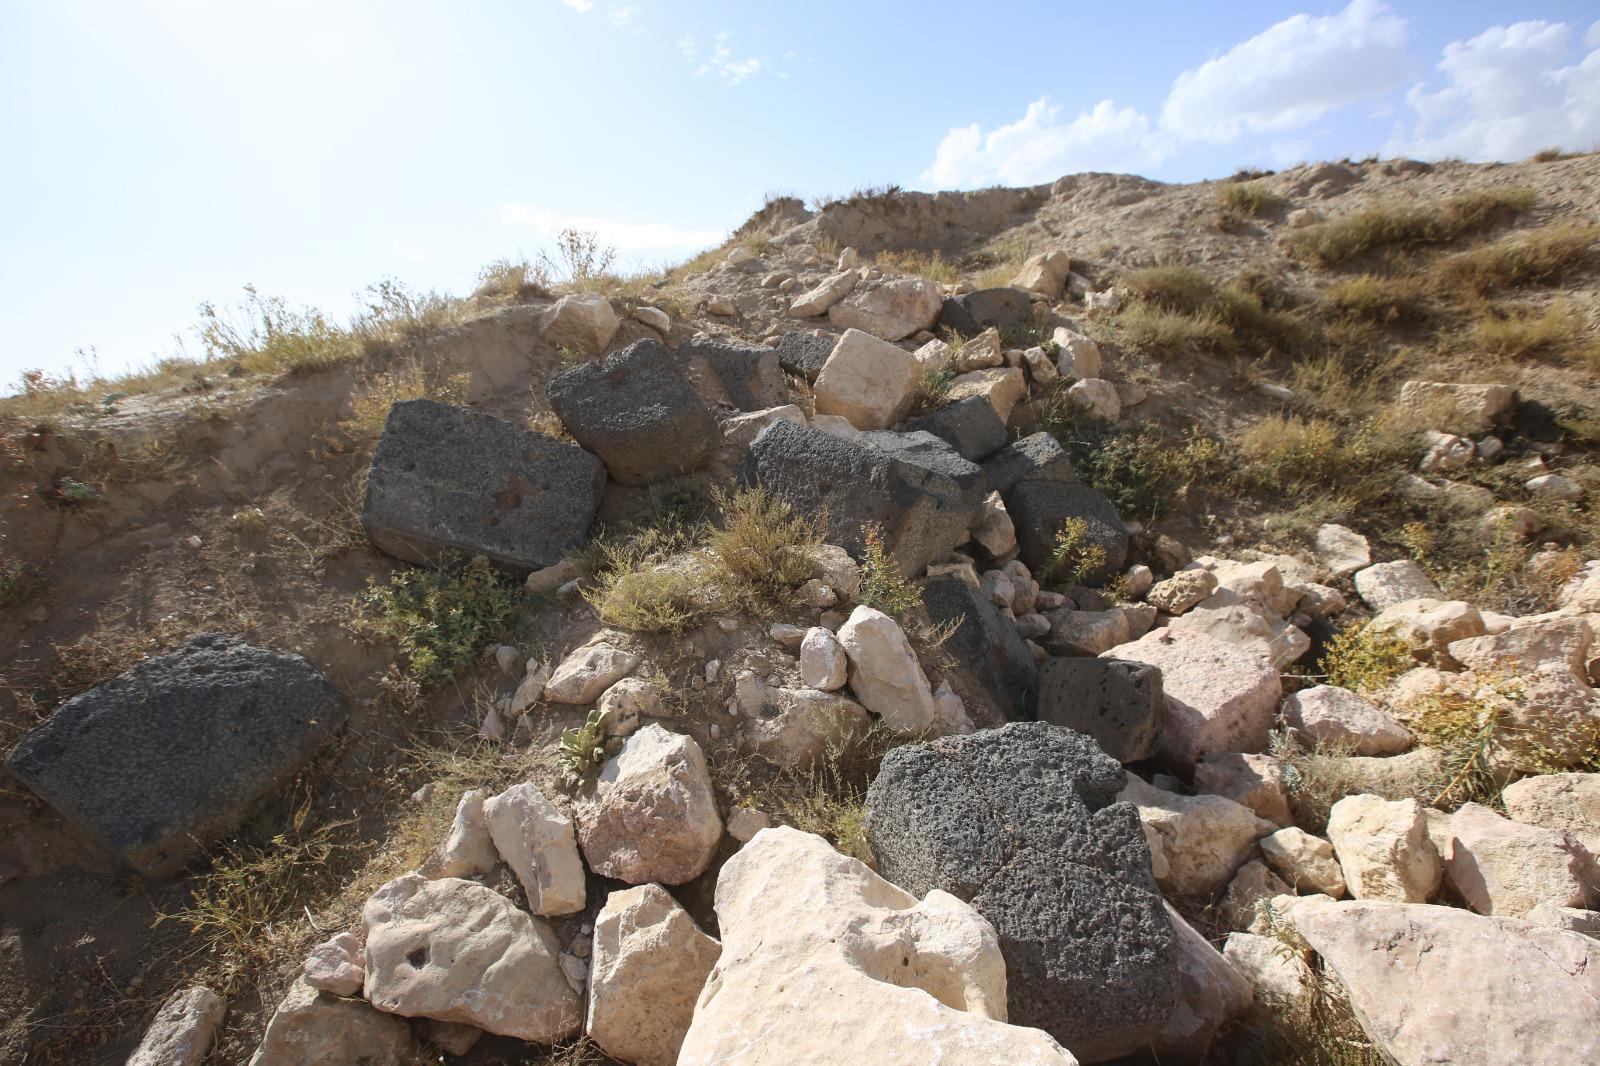 Devasa antik kent, keşfedilmeyi bekliyor (4).jpg